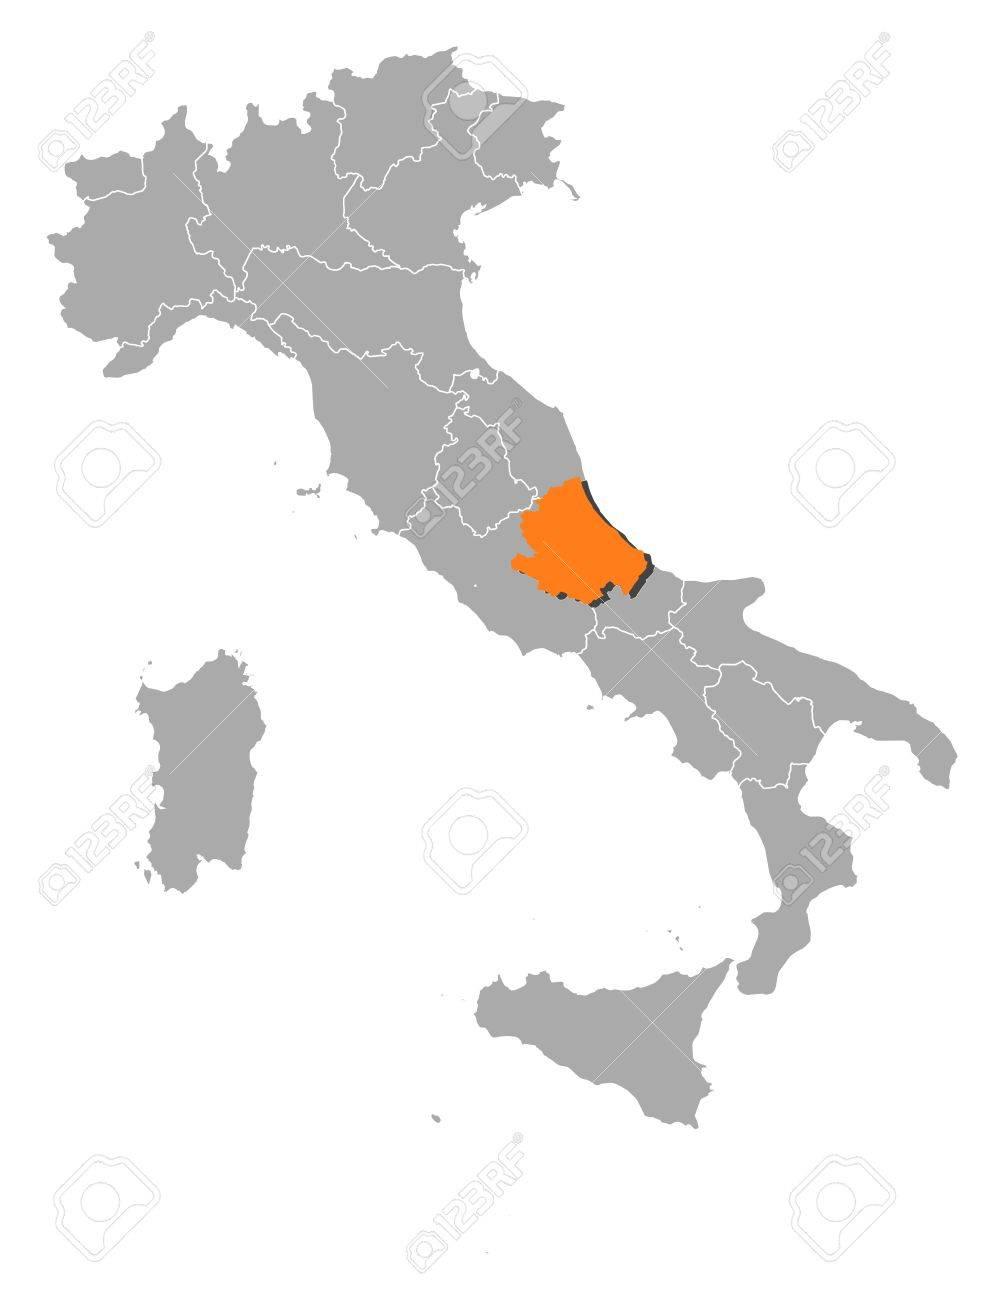 Cartina Politica Italia Abruzzo.Vettoriale Mappa Politica D Italia Con Varie Regioni In Cui E Evidenziato Abruzzo Image 11256076